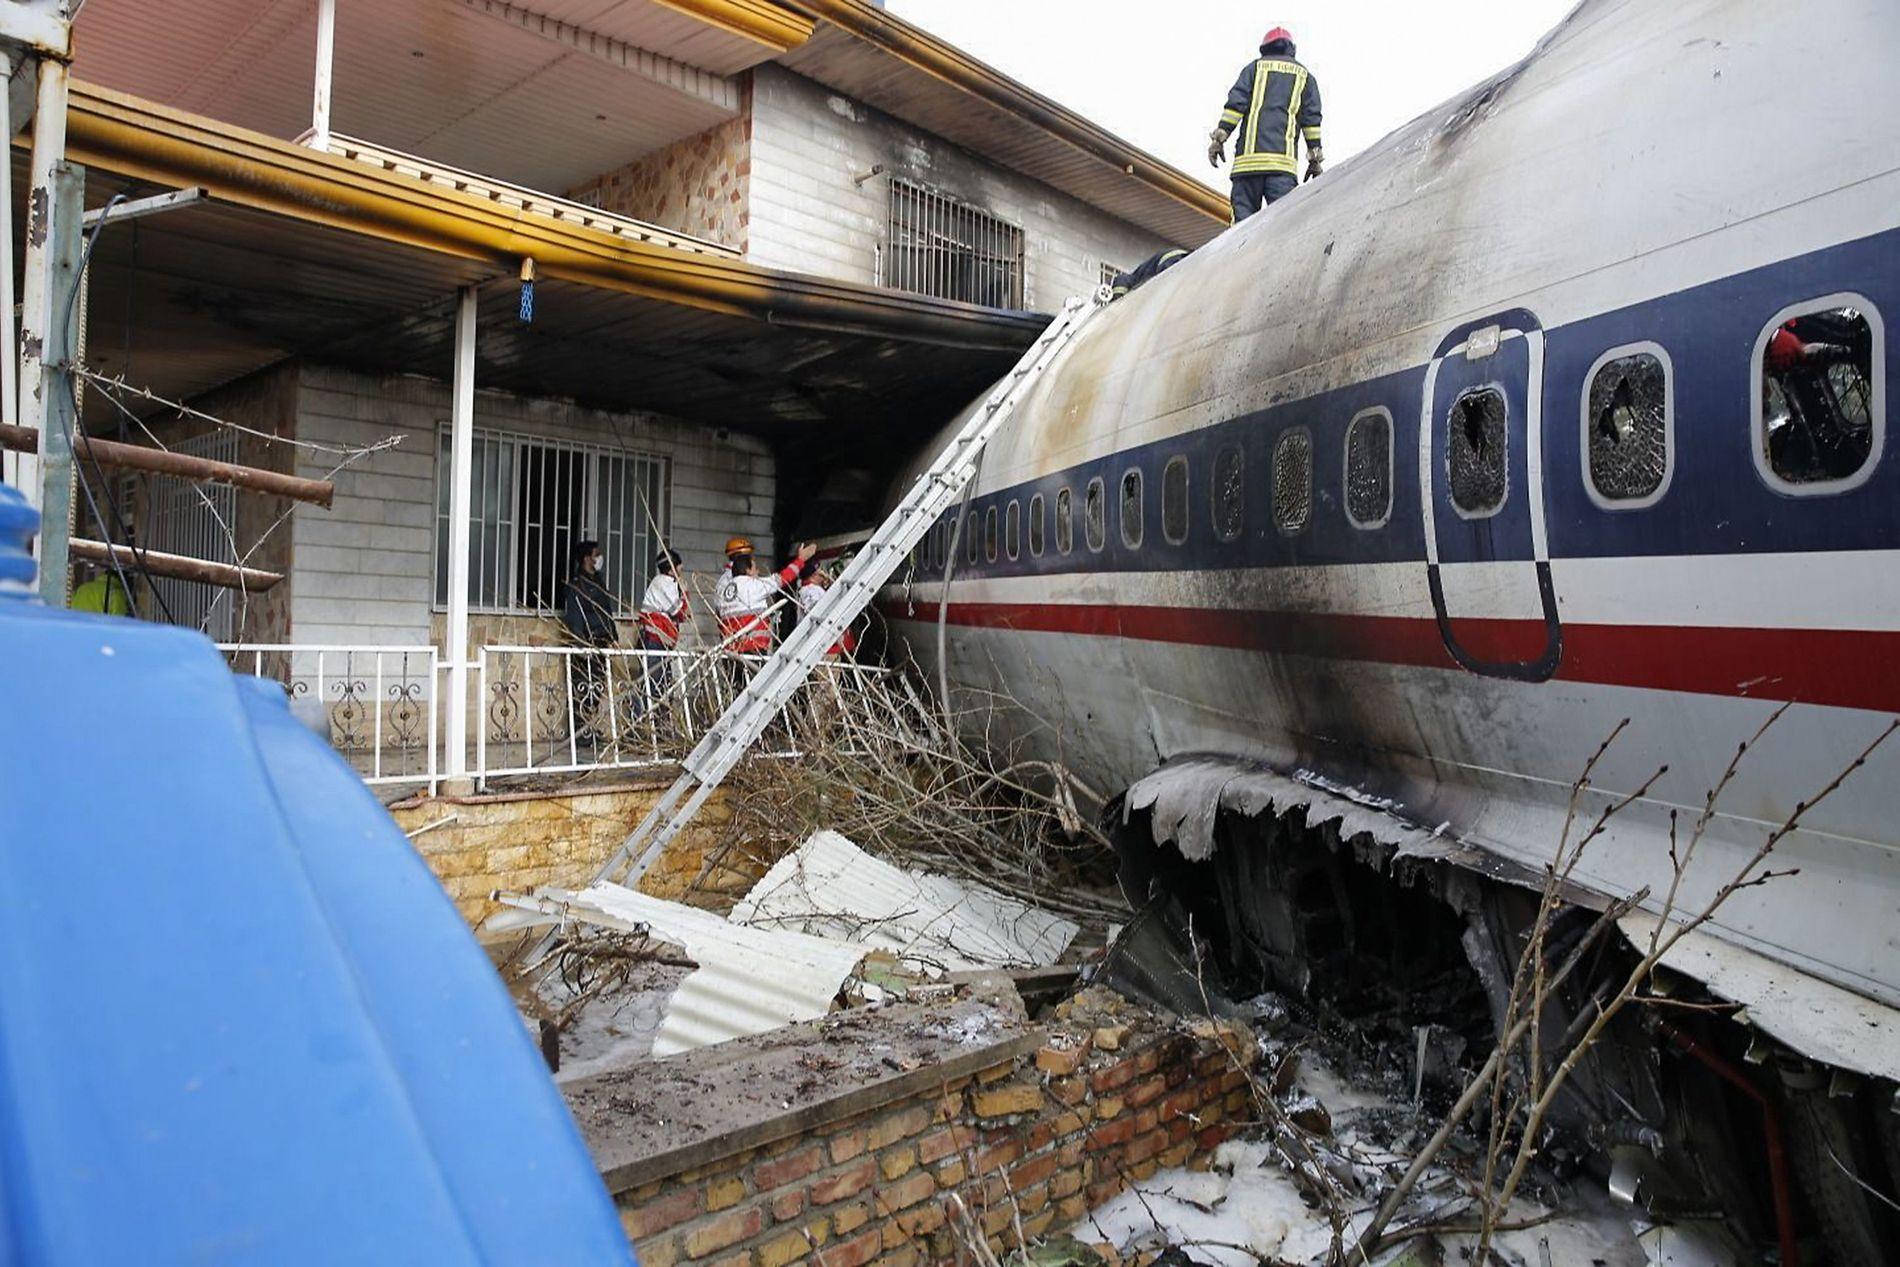 KLARTE IKKE STANSE: Flyet krasjet i en bolig da det krasjlandet på vei til flyplassen.